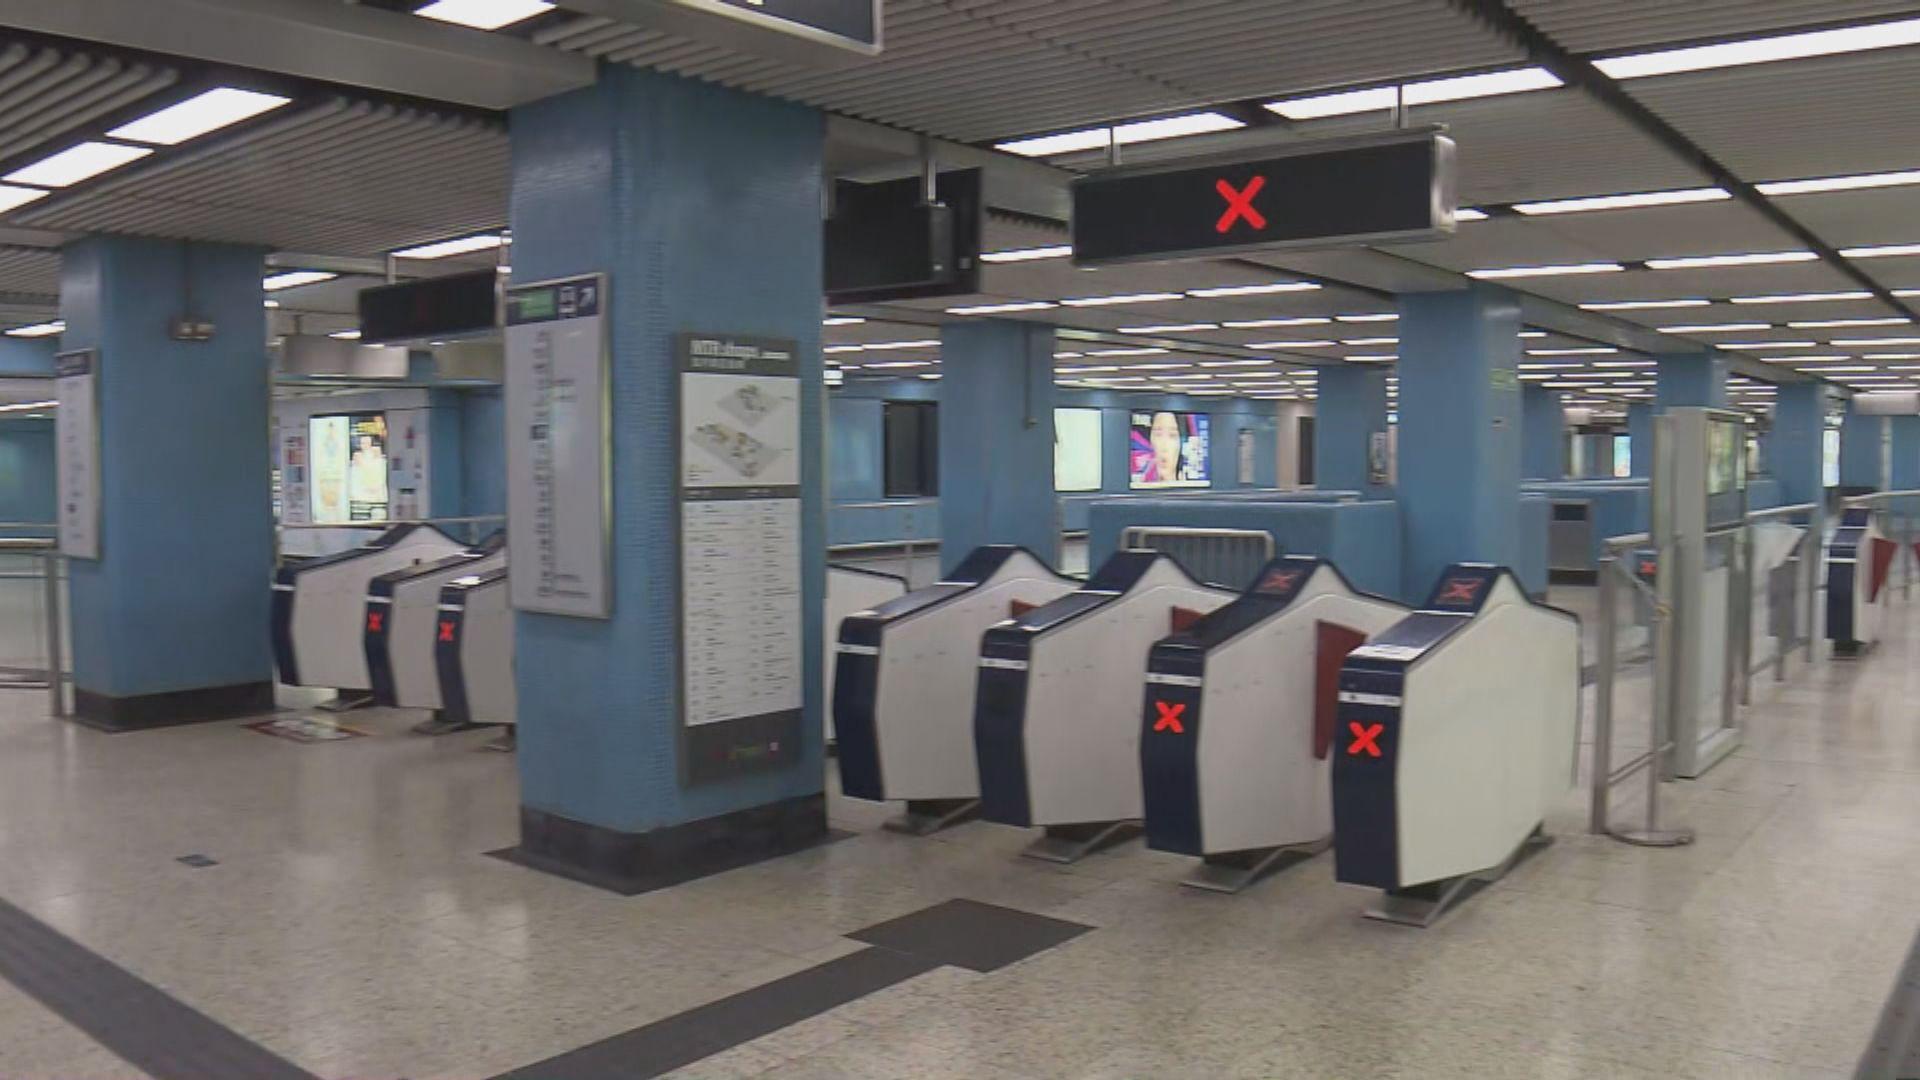 港鐵除機場快綫外各綫提早晚上十時收車